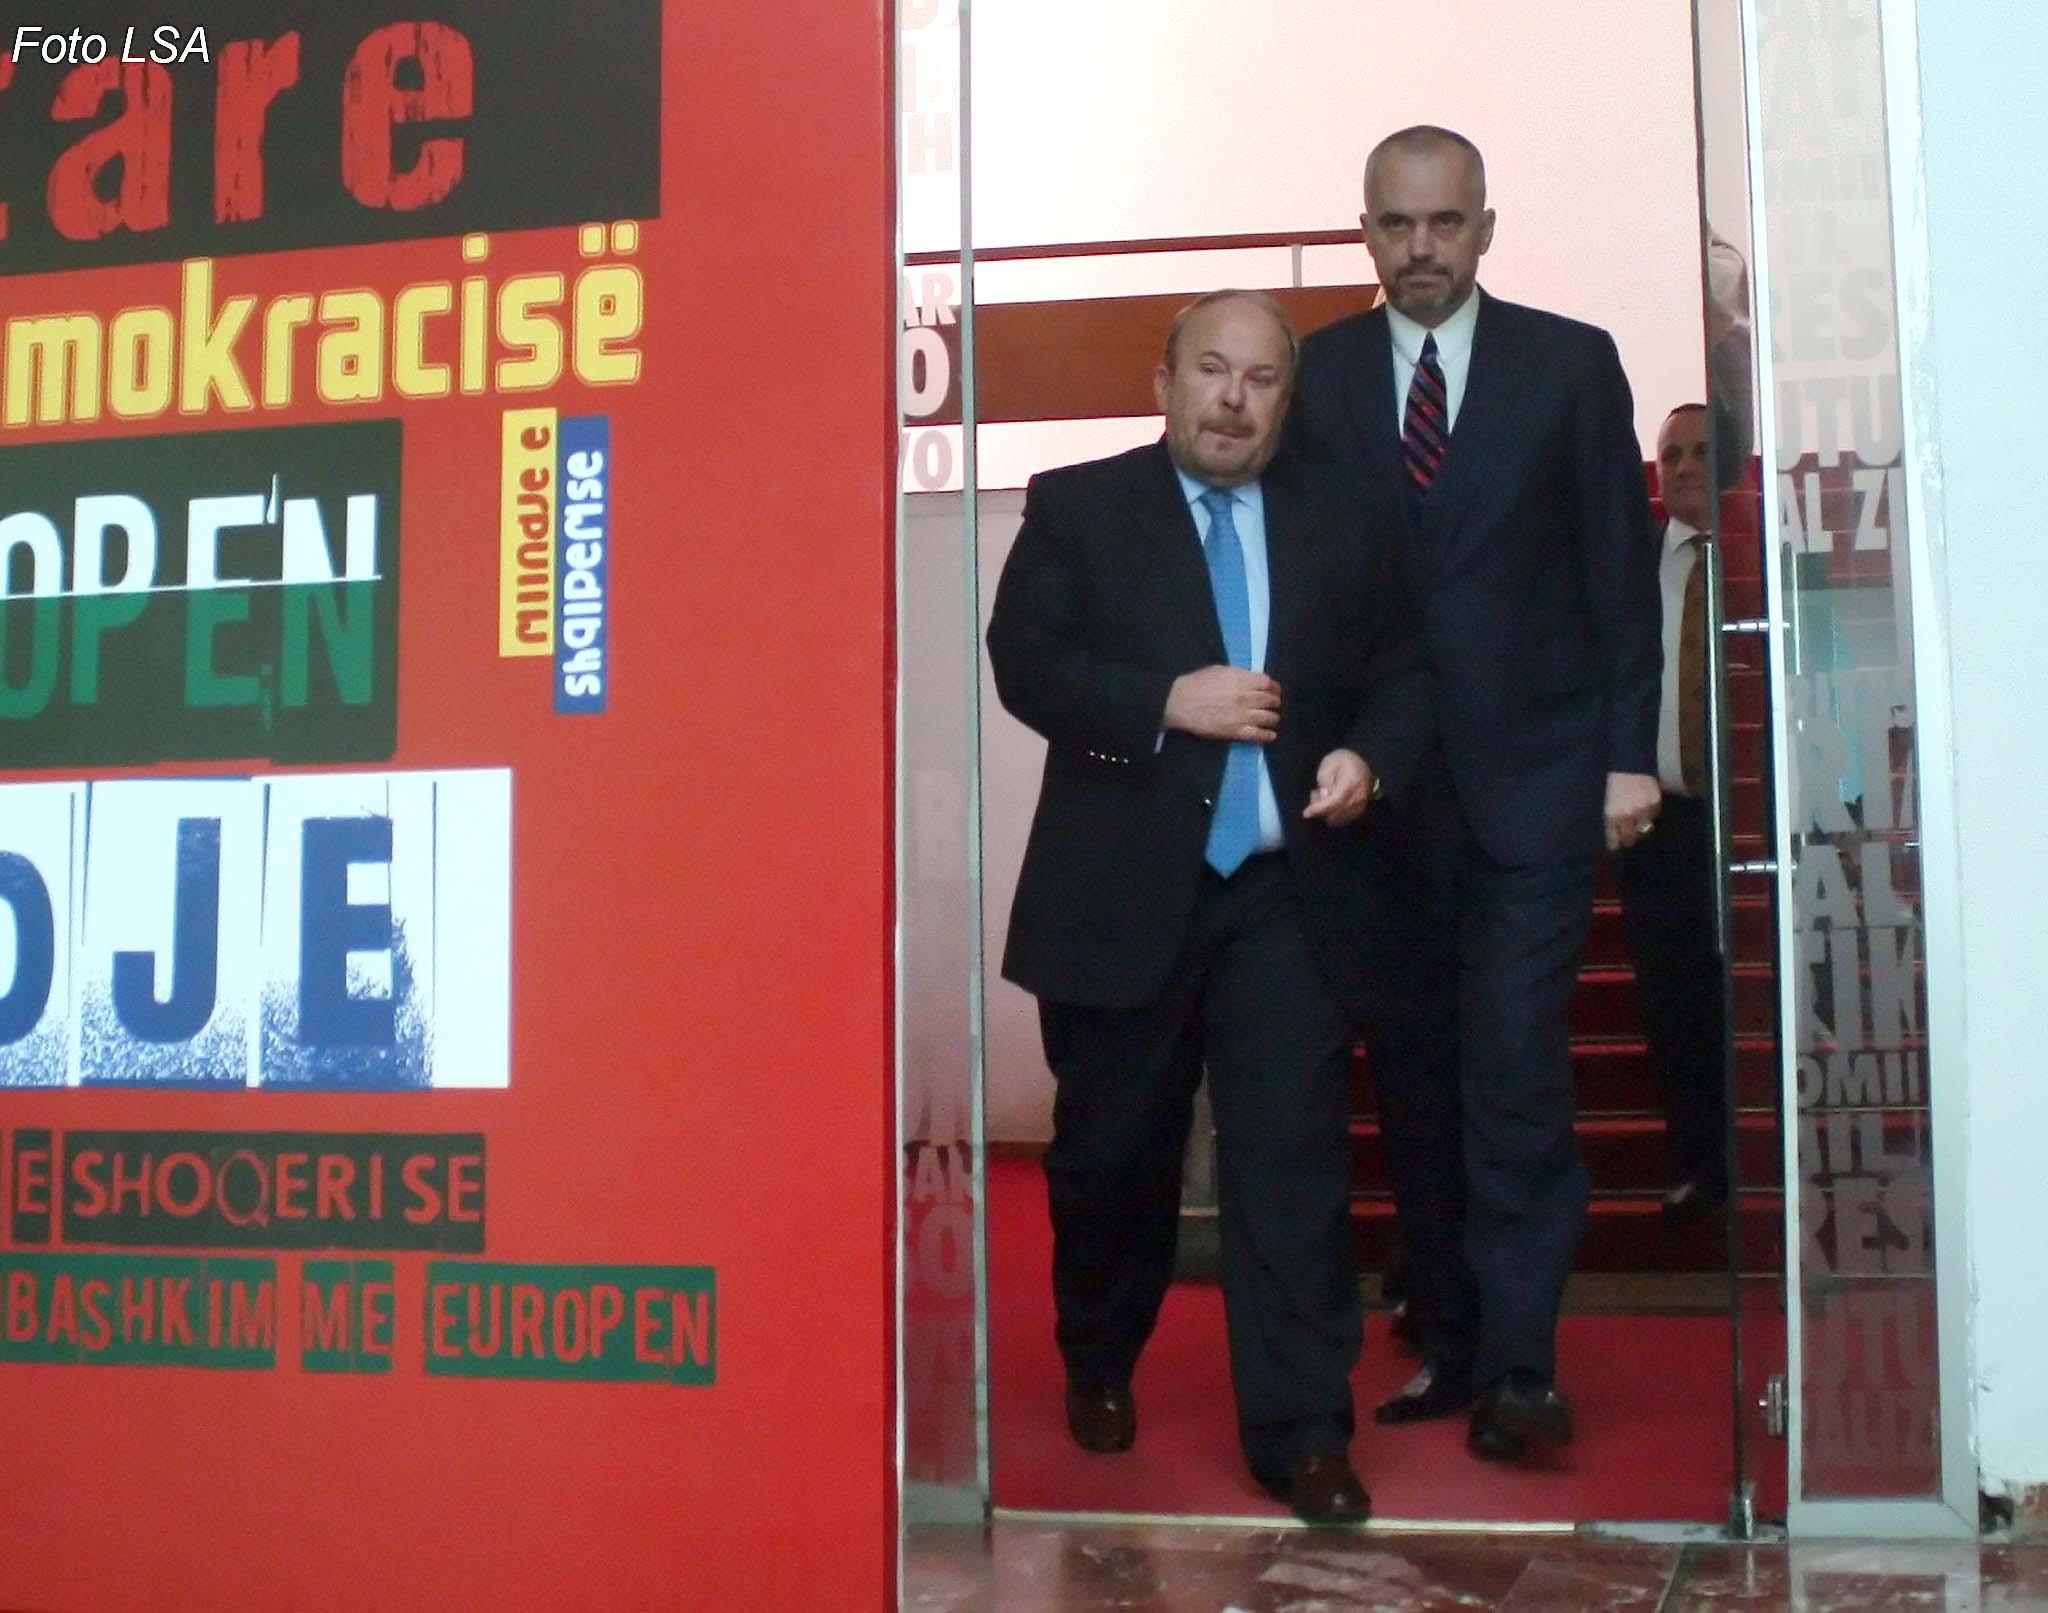 Ish kryeministri Fatos Nano dhe kryetari i PS Edi Rama, duke dale pas nje takimi ne seline e Partise socialiste, ku kane diskutuar ne lidhje me kandidimin e Nanos per President.